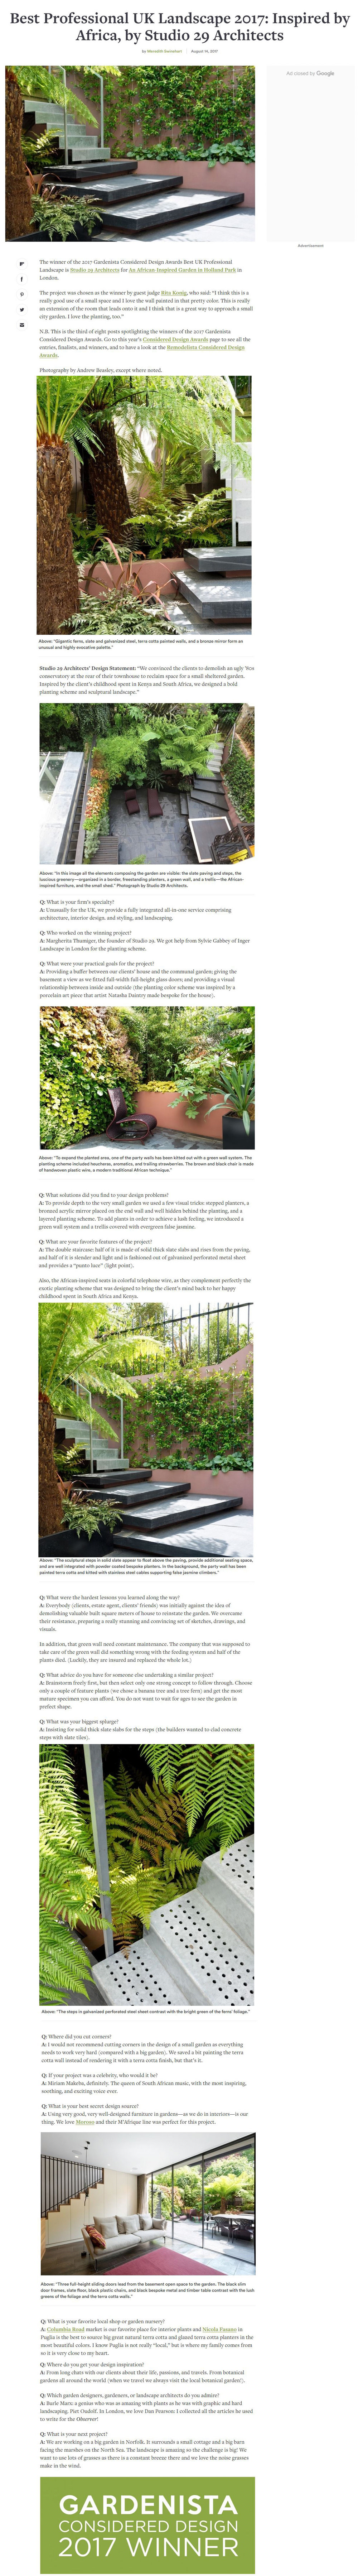 GARDENISTA-INTERVIEW.jpg